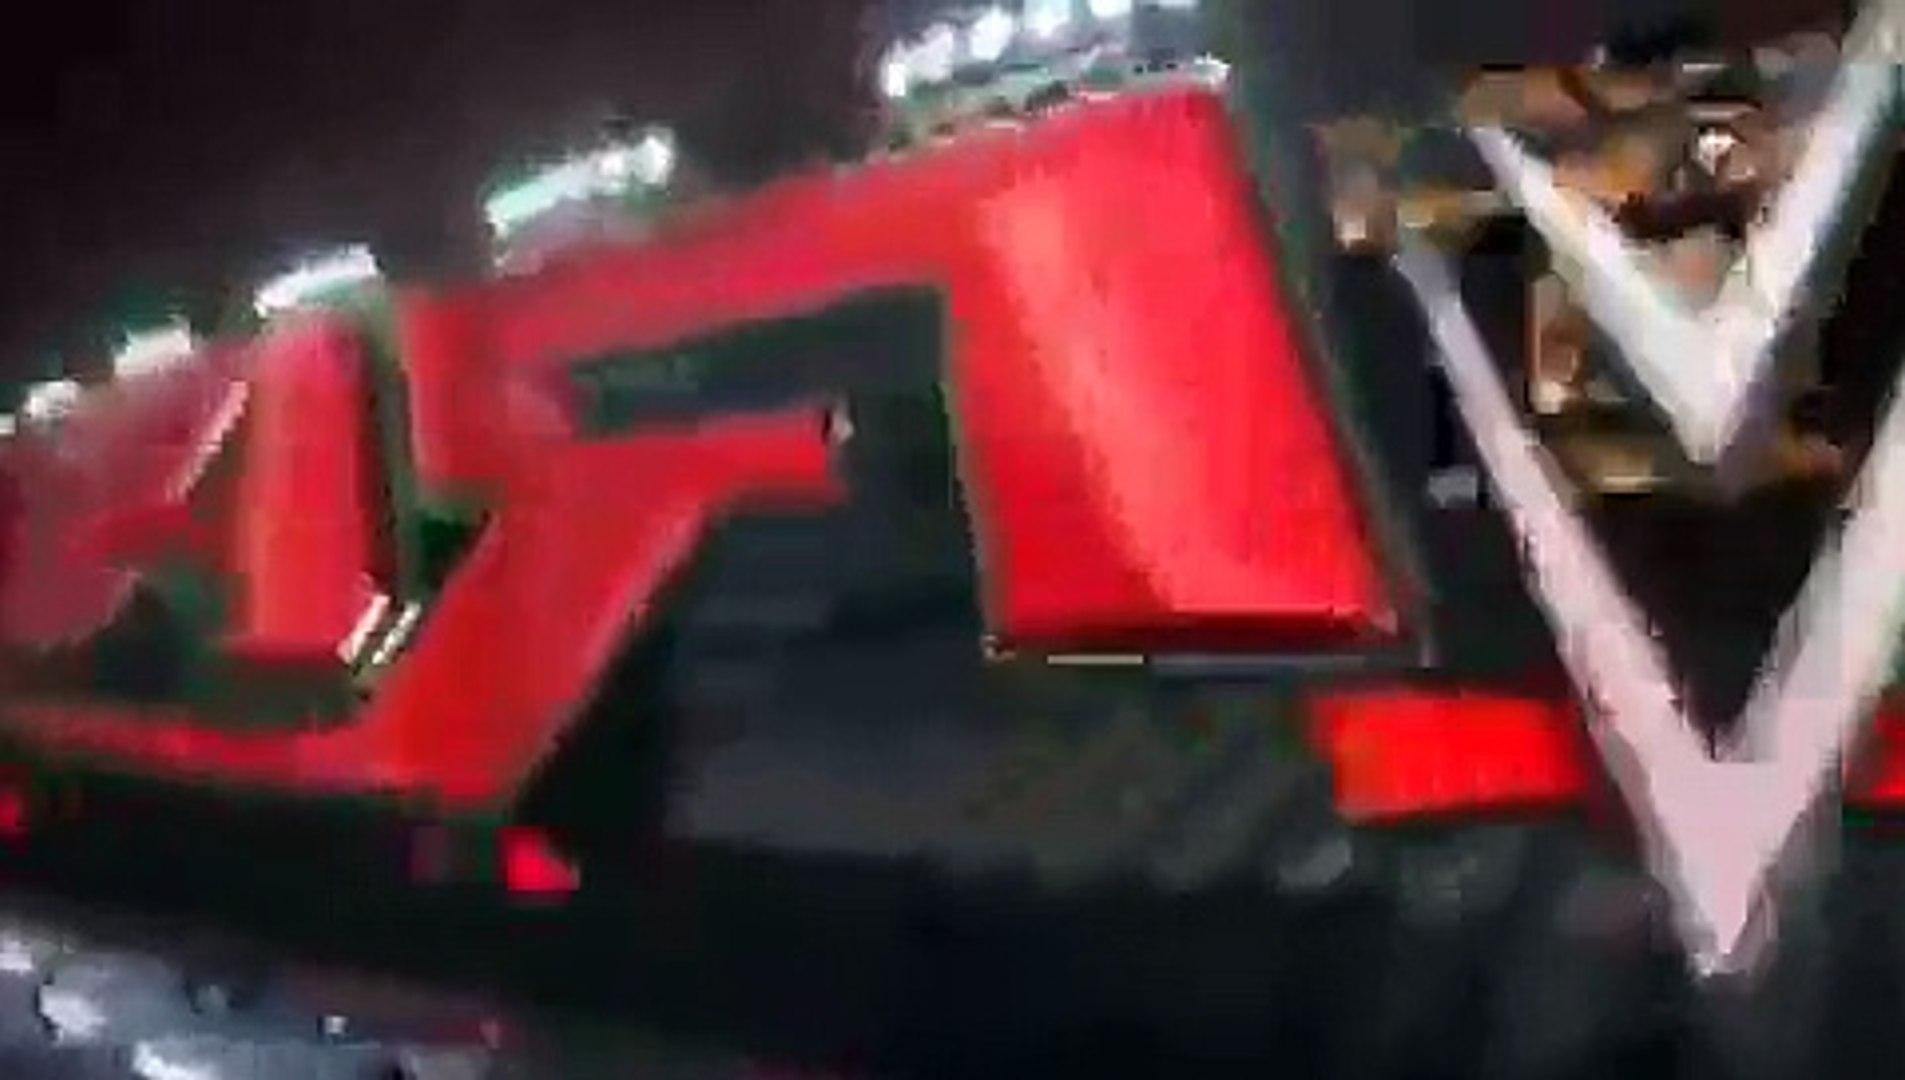 WWE RAW 10 April 2015 Full Show - WWE RAW 4/10/15 Full Show HQ